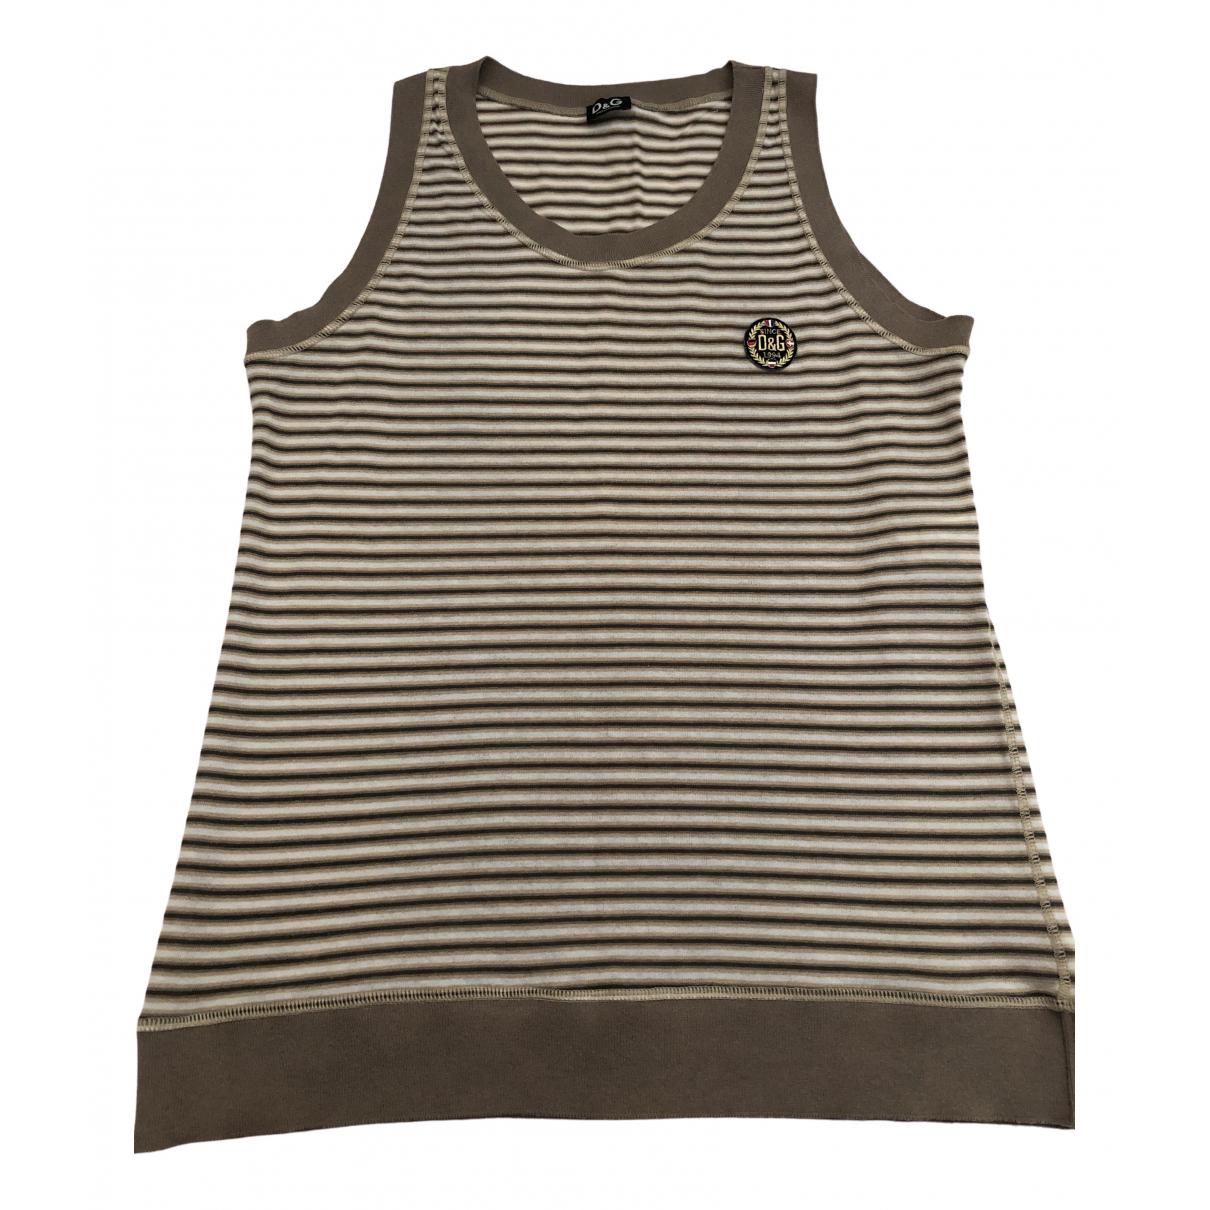 D&g - Tee shirts   pour homme en coton - marron